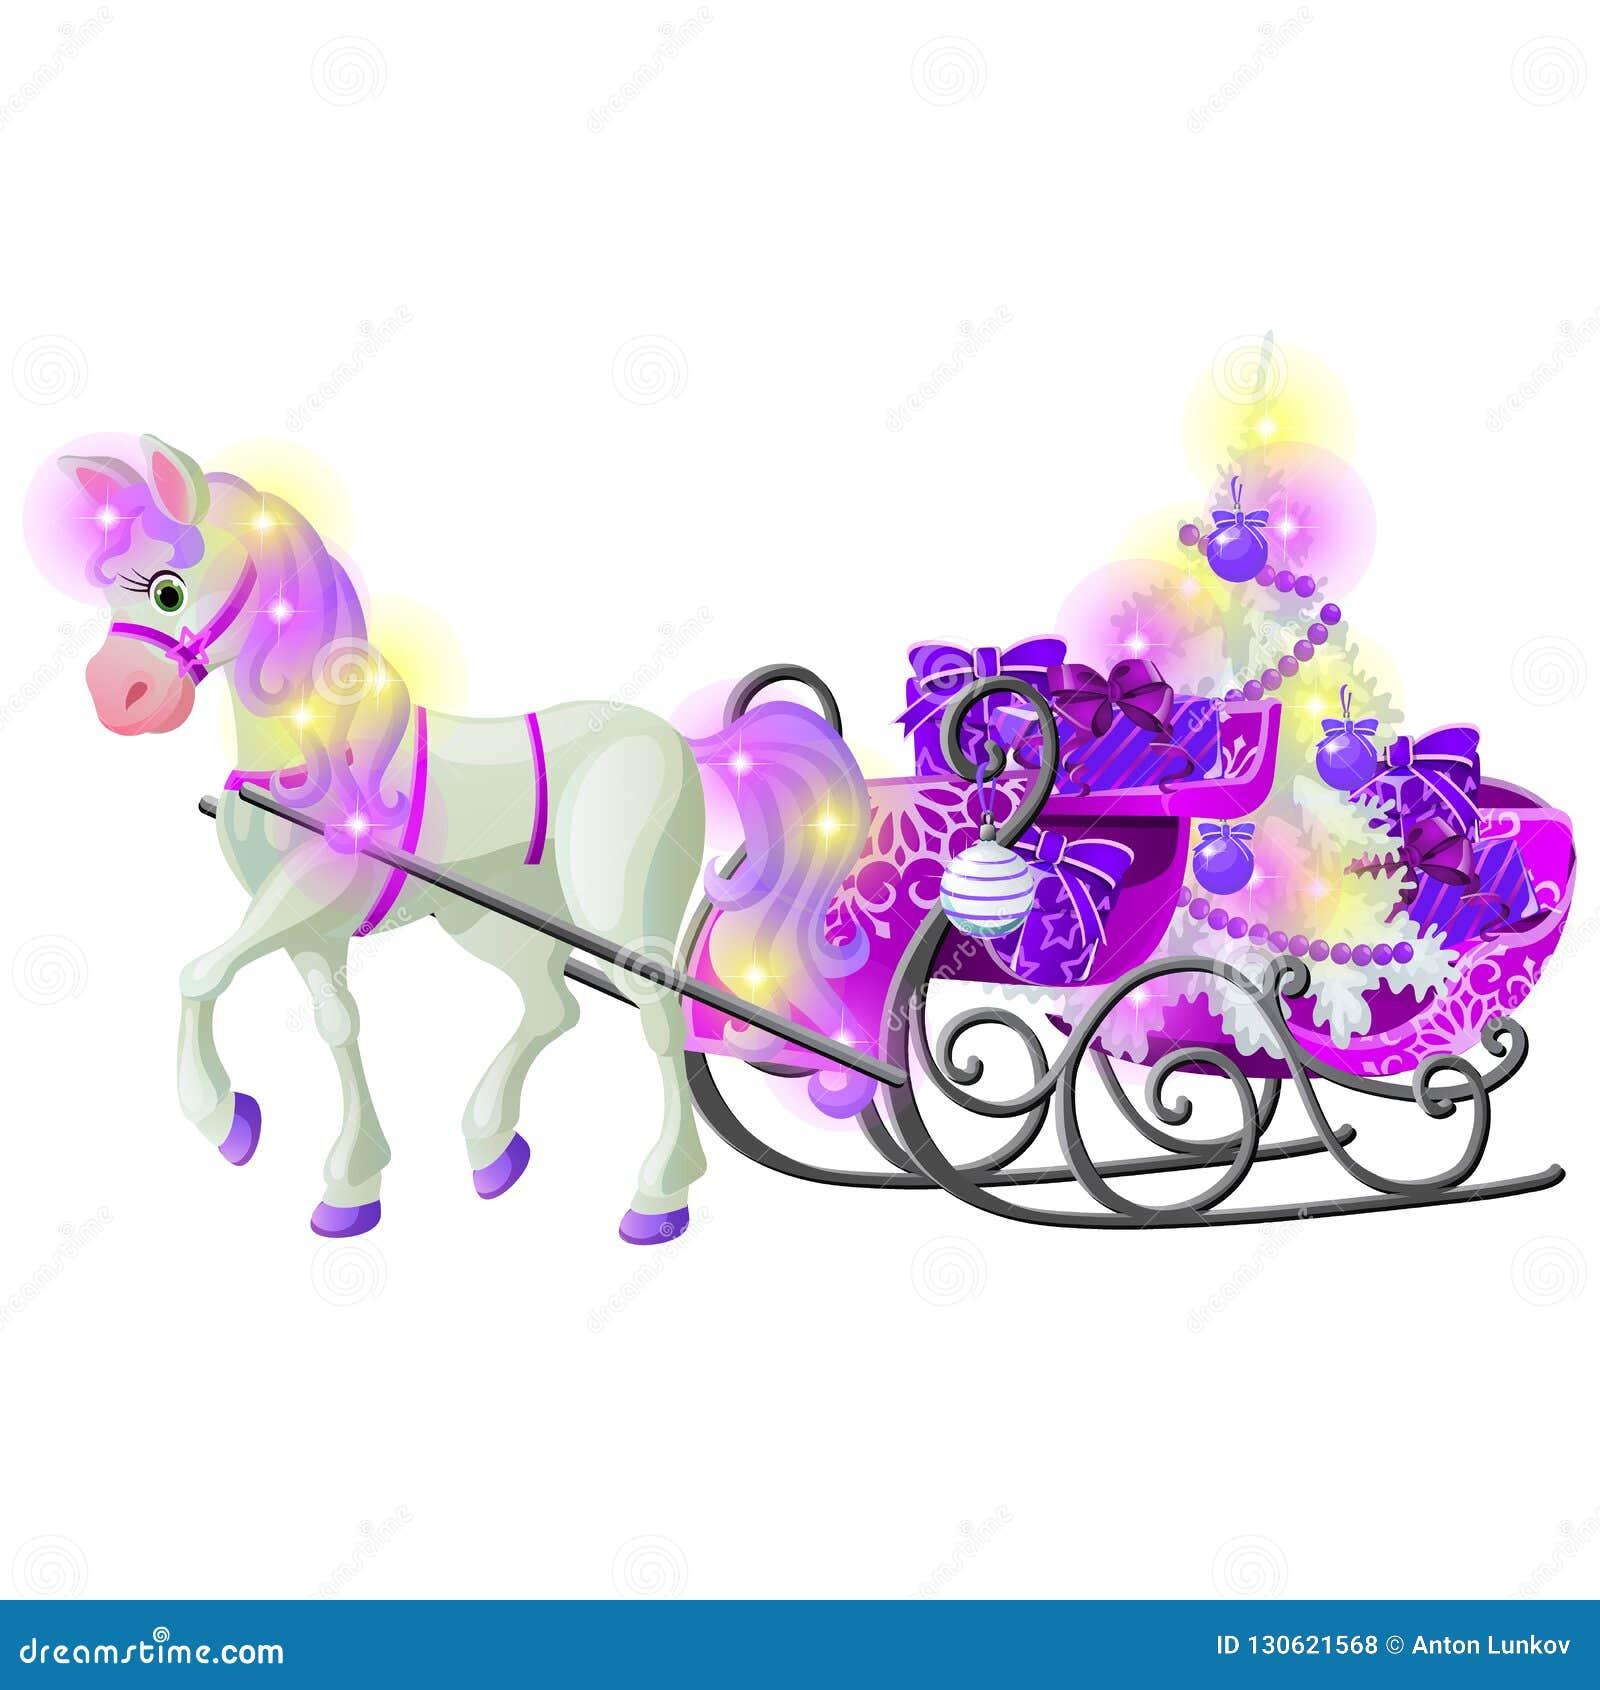 Weihnachtsskizze mit lebhaftem Pferd mit einer rosa Mähne und den Hufen mit einem Pferdeschlitten gefüllt mit Geschenkboxen und F